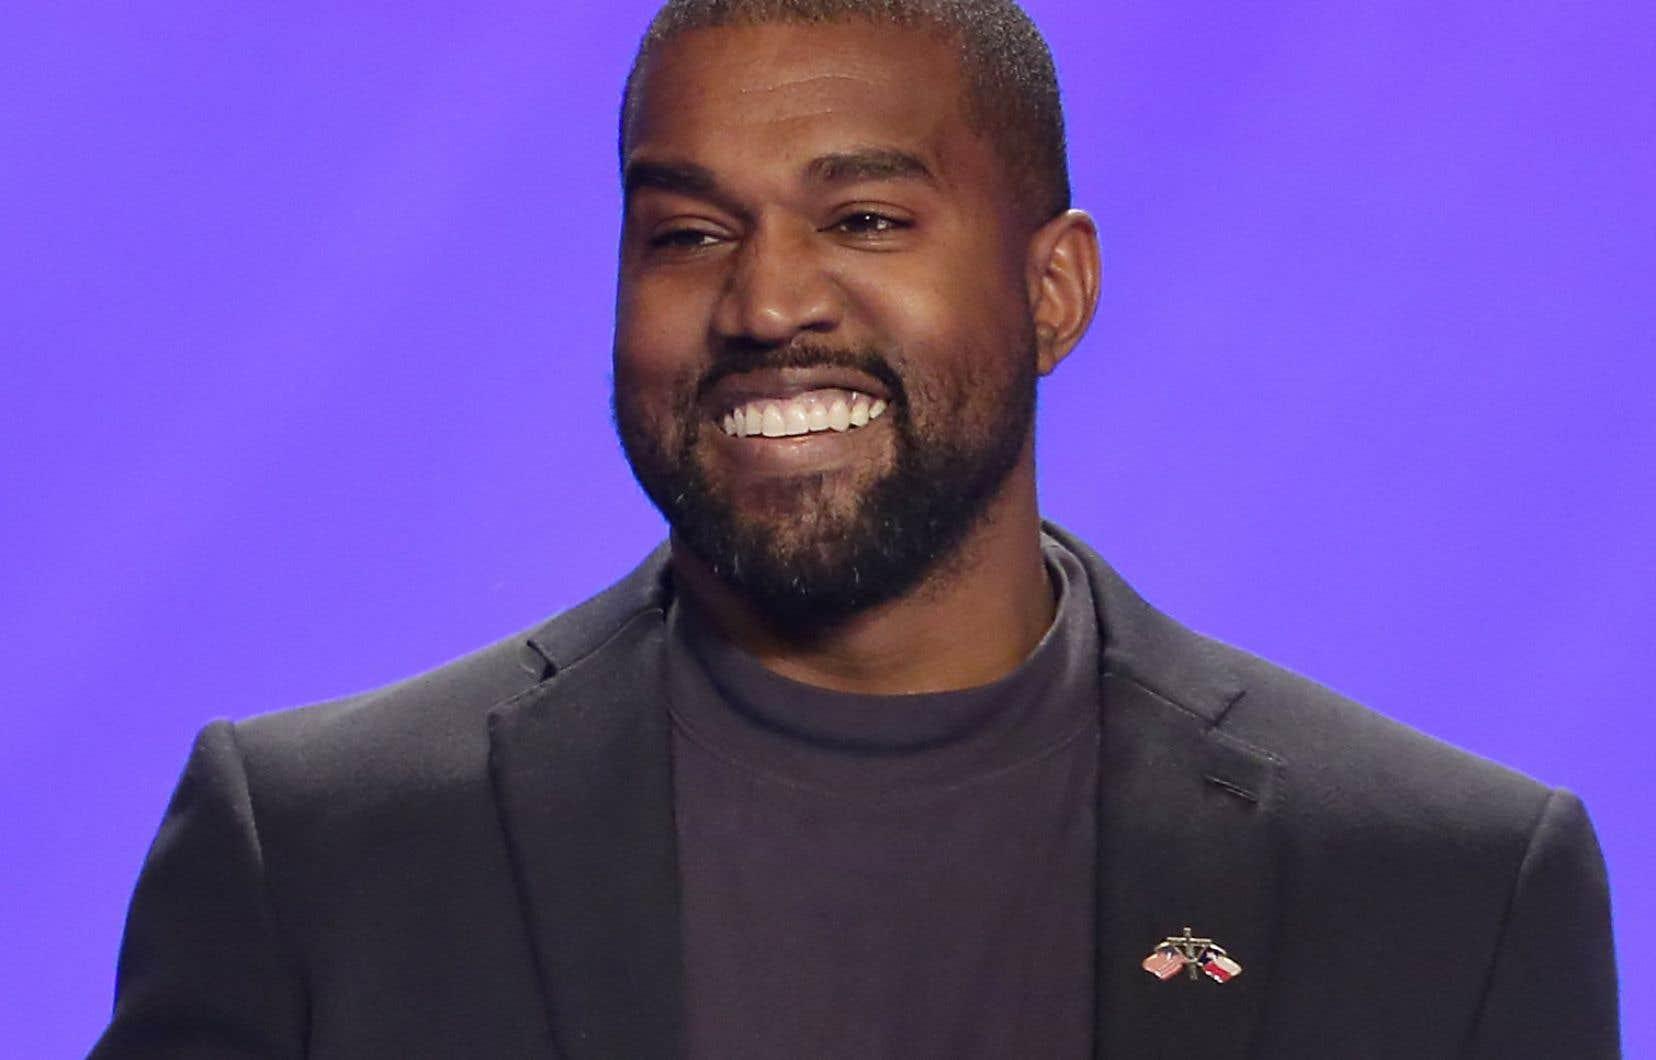 Le rappeur américain Kanye West